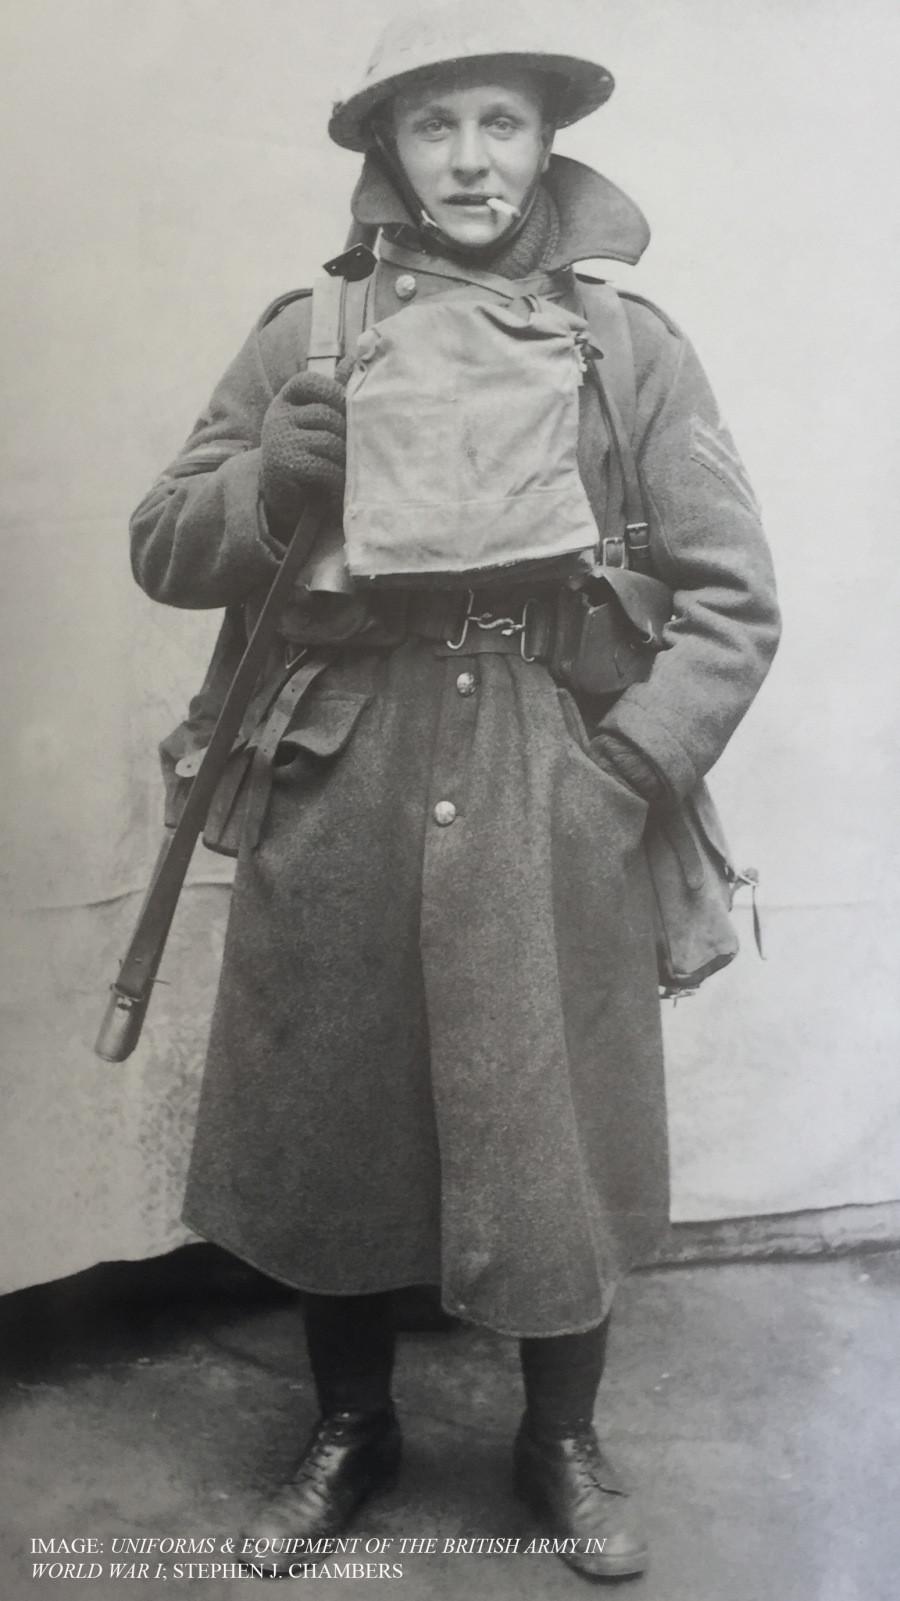 British soldier in WW1 gear.